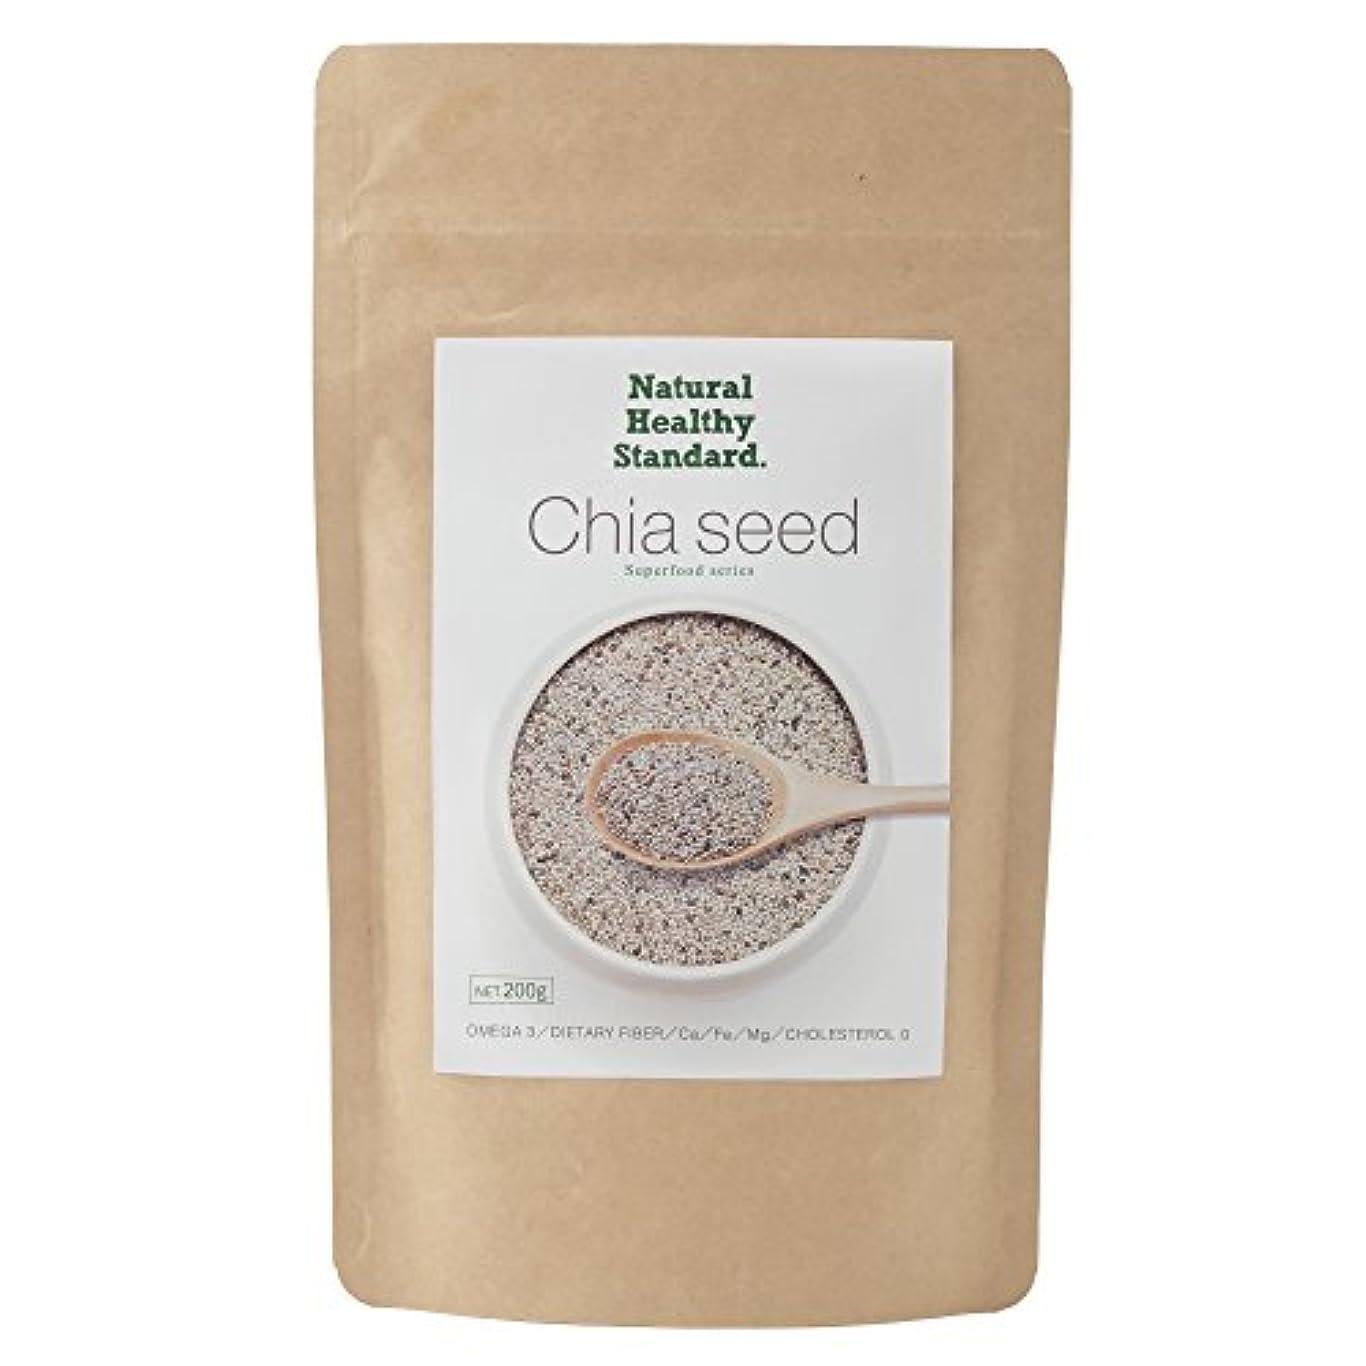 モール非効率的な目覚めるNatural Healthy Standard ホワイトチアシード 200g